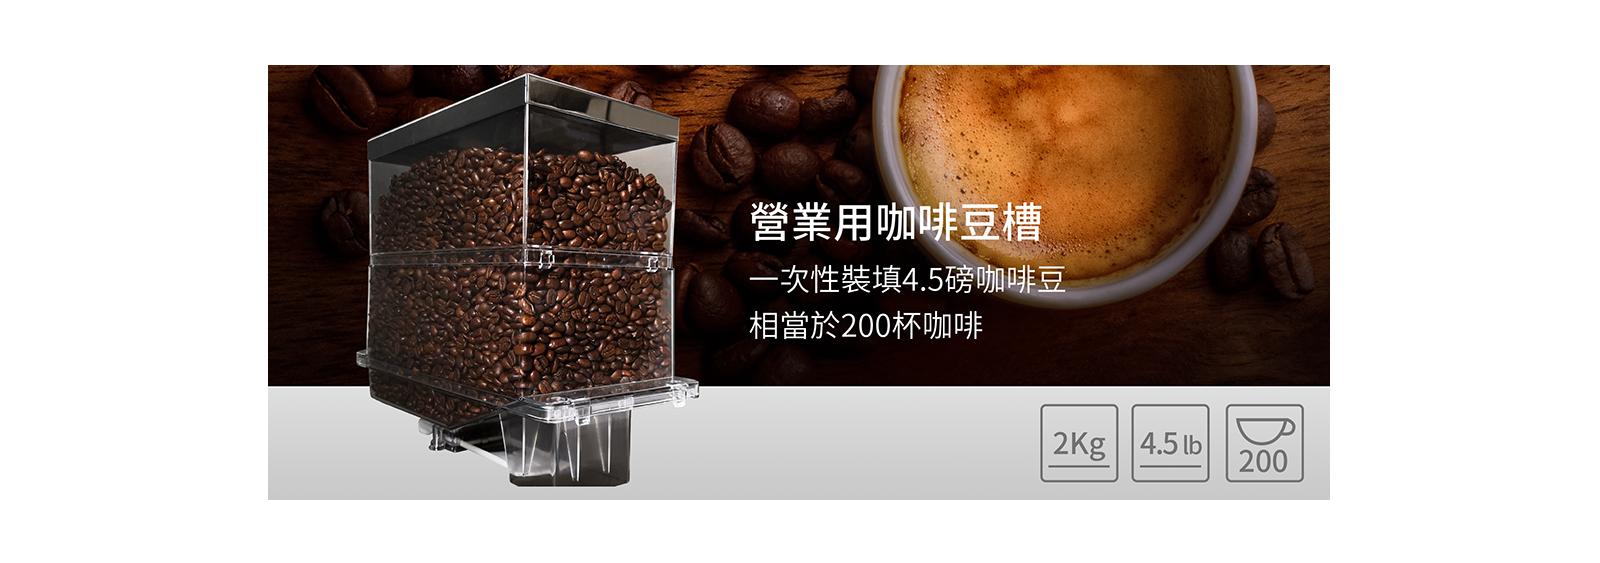 CoCoCafe咖啡自動販賣機-ai2000-hc咖啡豆槽